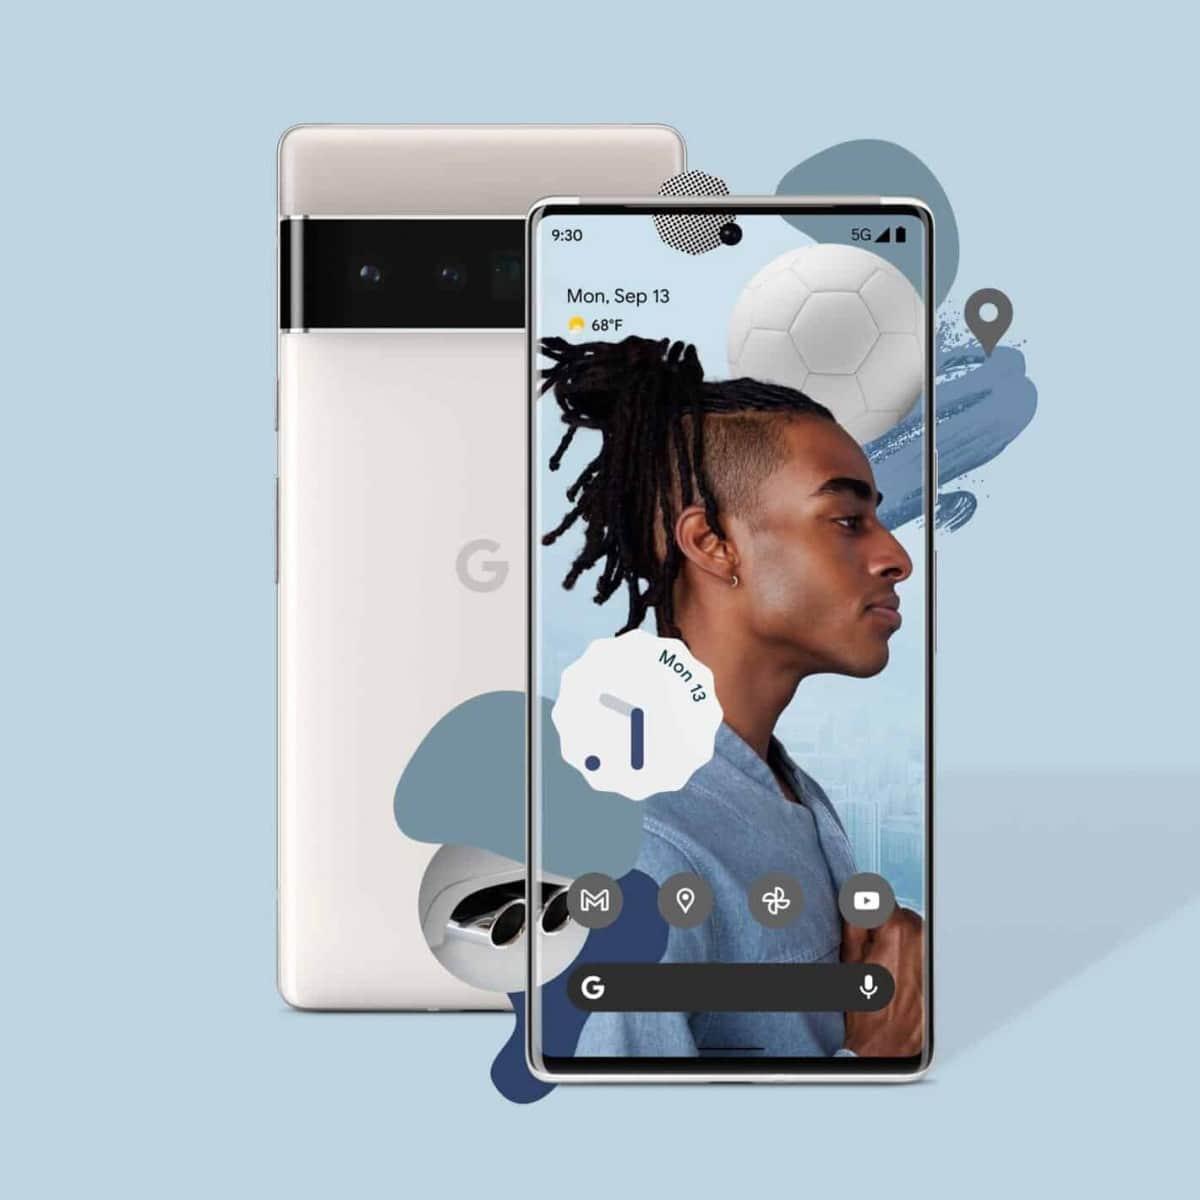 صفحه نمایش و پنل پشتی گوگل پیکسل 6 - چیکاو